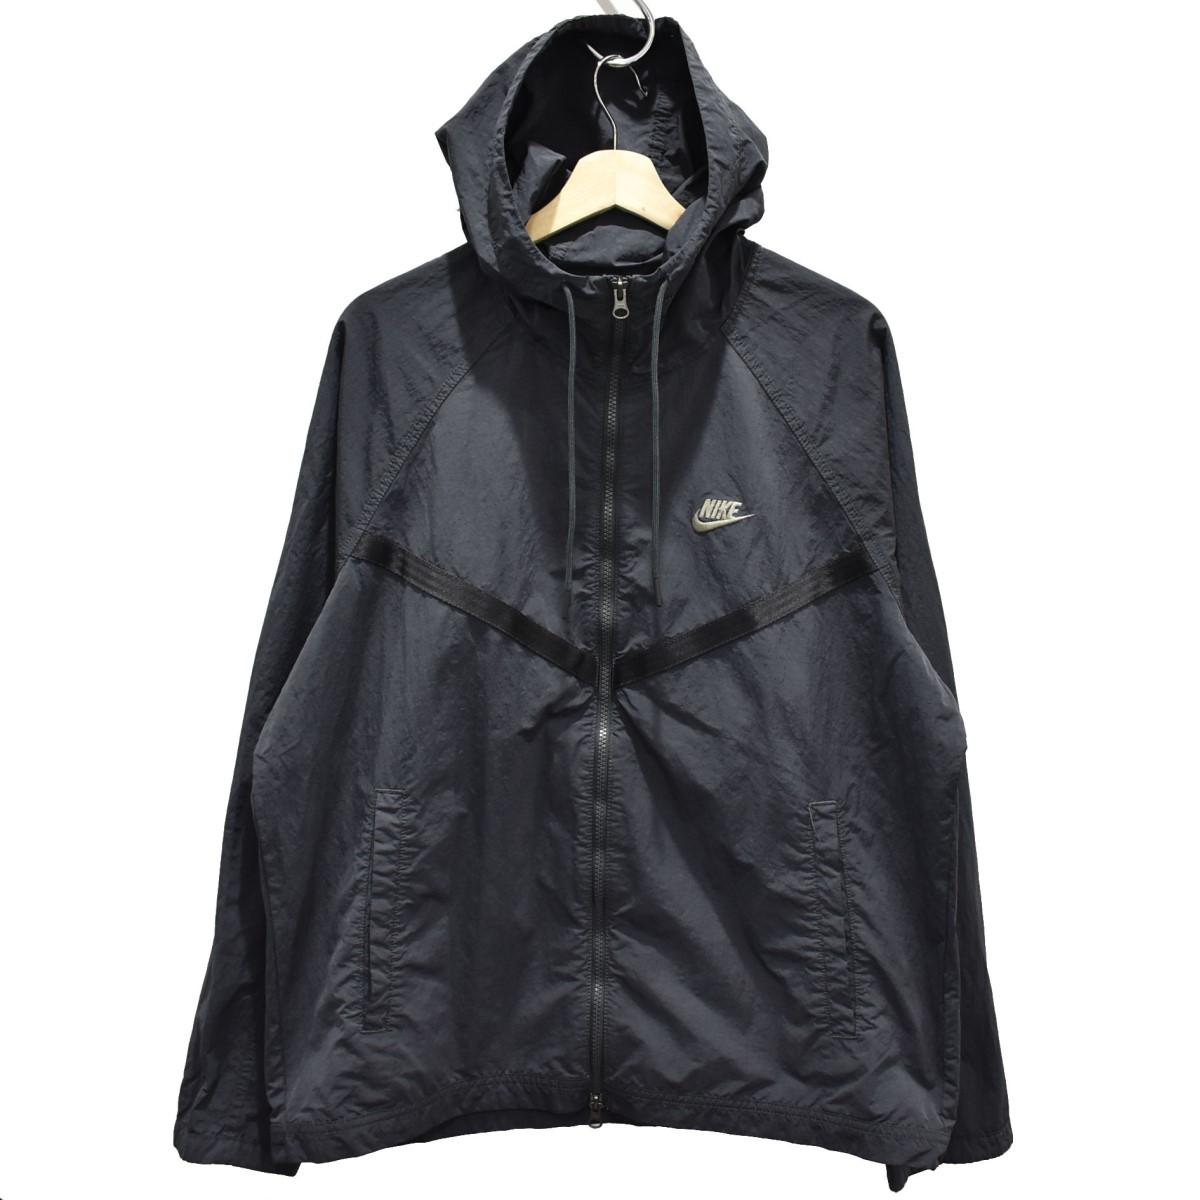 【中古】NIKE CJ4300-070 20SS ウインドランナージャケット ブラック サイズ:L 【040520】(ナイキ)